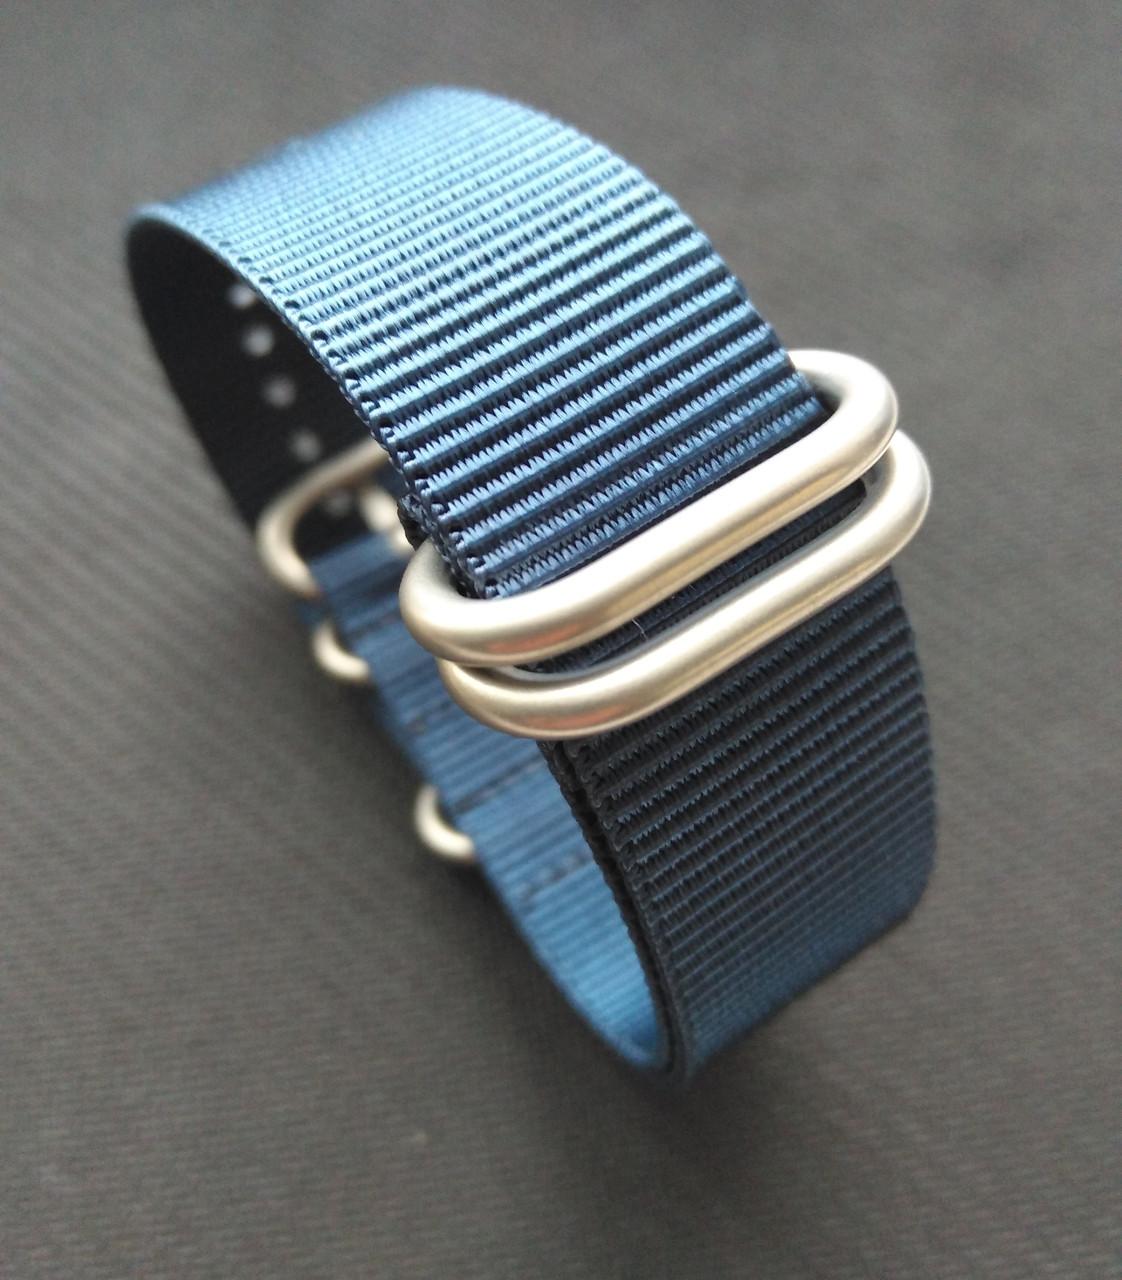 Ремешок нейлоновый для часов. Зулу, Zulu, Нато, Nato. Синий. 22 мм. Качество.